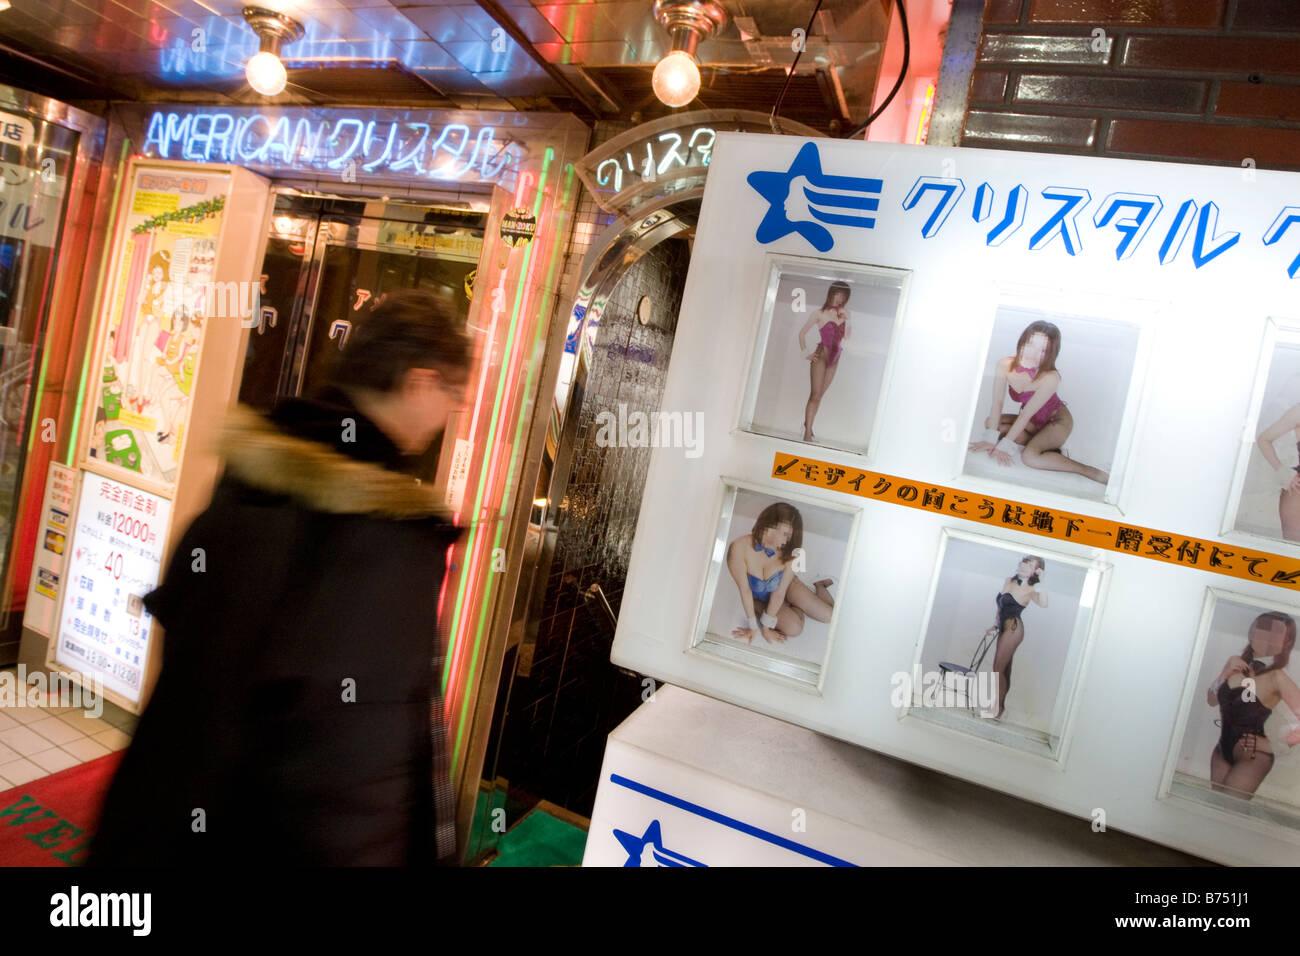 japán szex klub nagy fekete fasz zuhany alatt